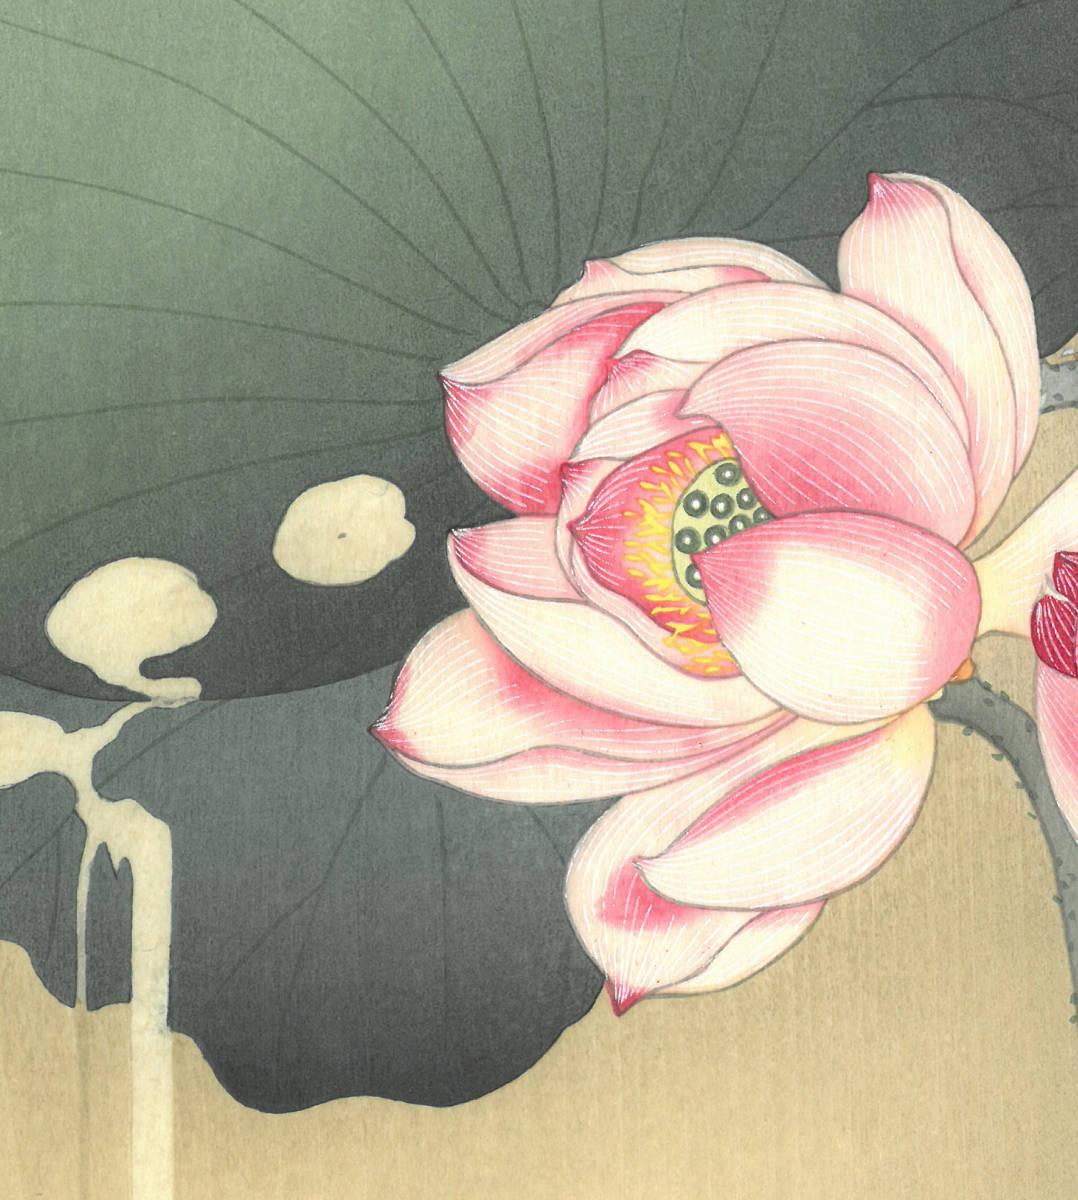 小原古邨 (Ohara Koson) (1877~1945) 木版画 蓮に雀 (Lotus and sparrow) 最高峰の摺師が50回以上の摺りの工程で仕上げた奇跡の一品!!_画像8